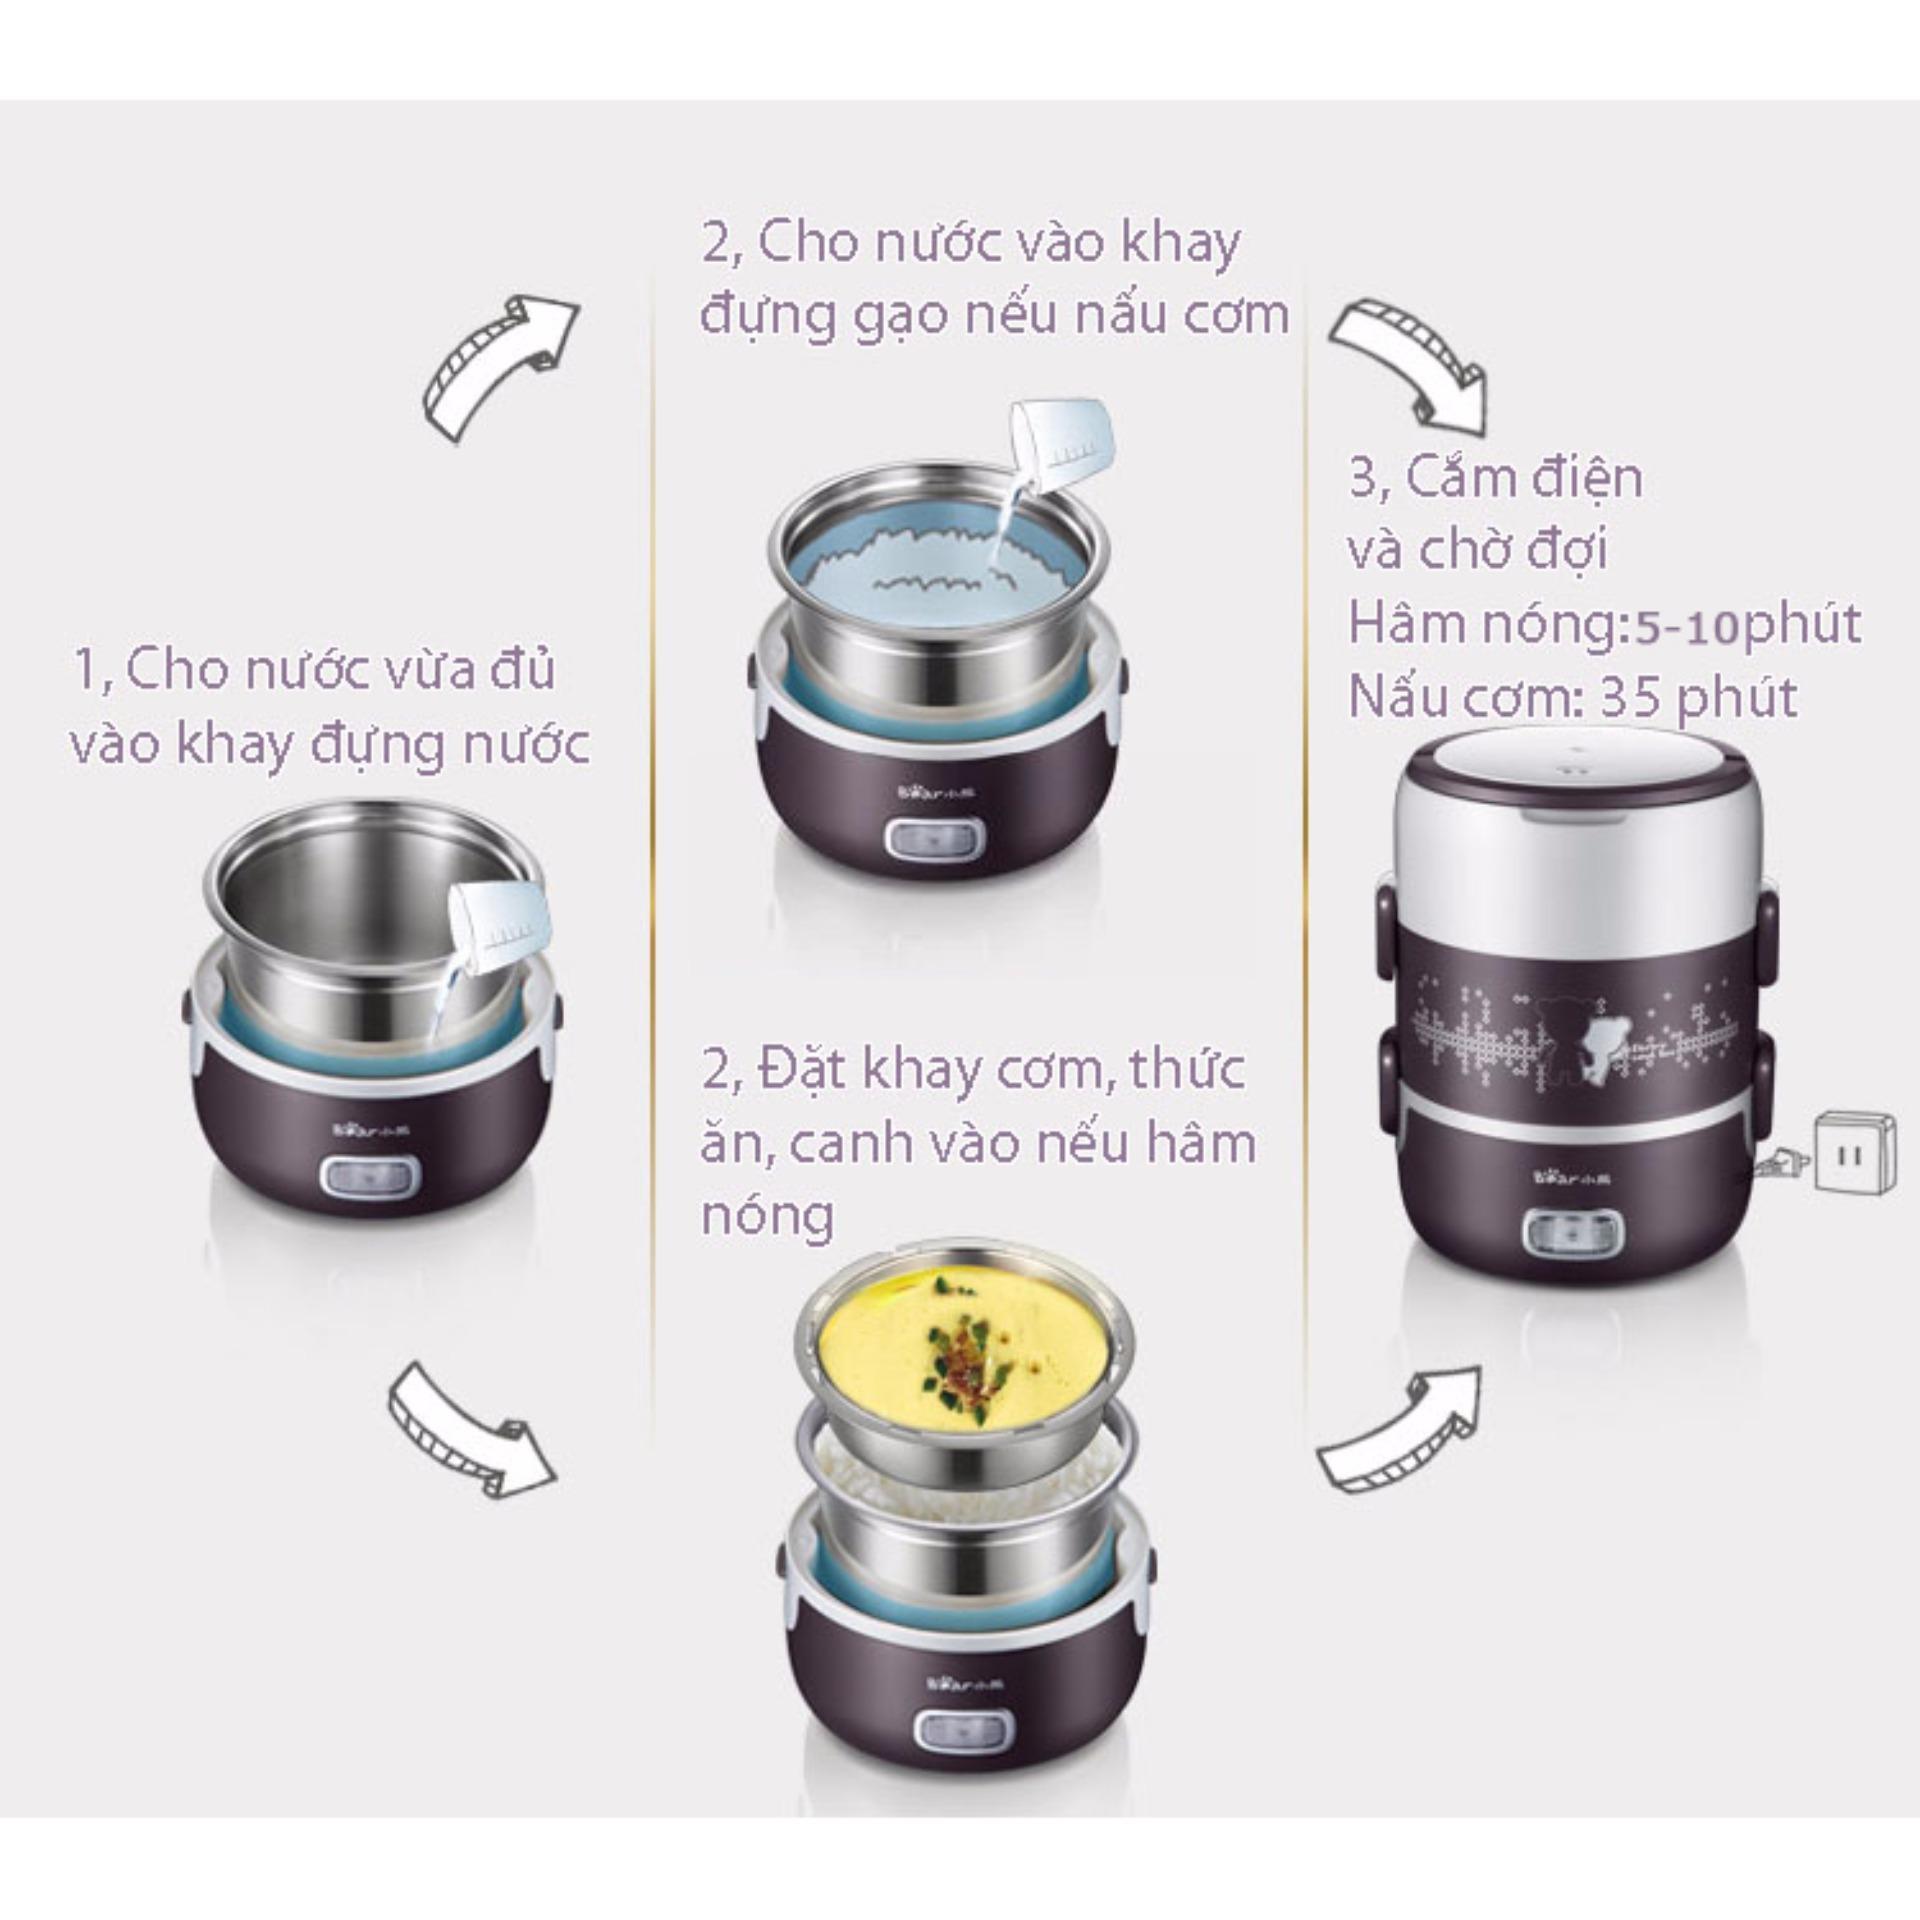 Hộp cơm cắm điện 3 ngăn hút chân không Bear DFH - S2123 (Nâu) +Tặng bộ thìa đũa inox 304